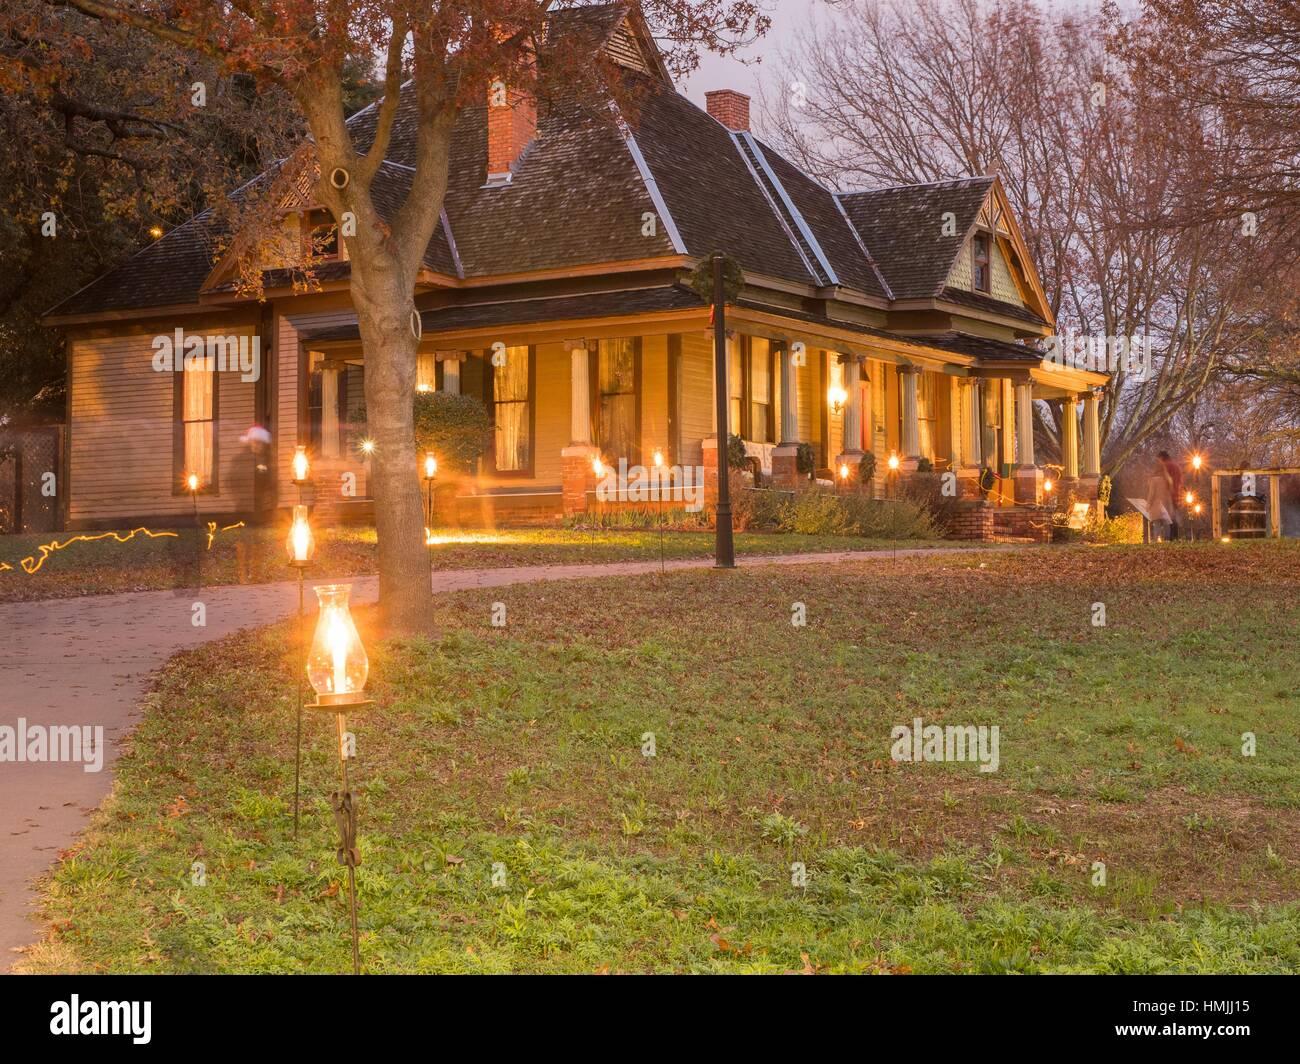 Dallas Heritage Village Candlelight Celebration. - Stock Image